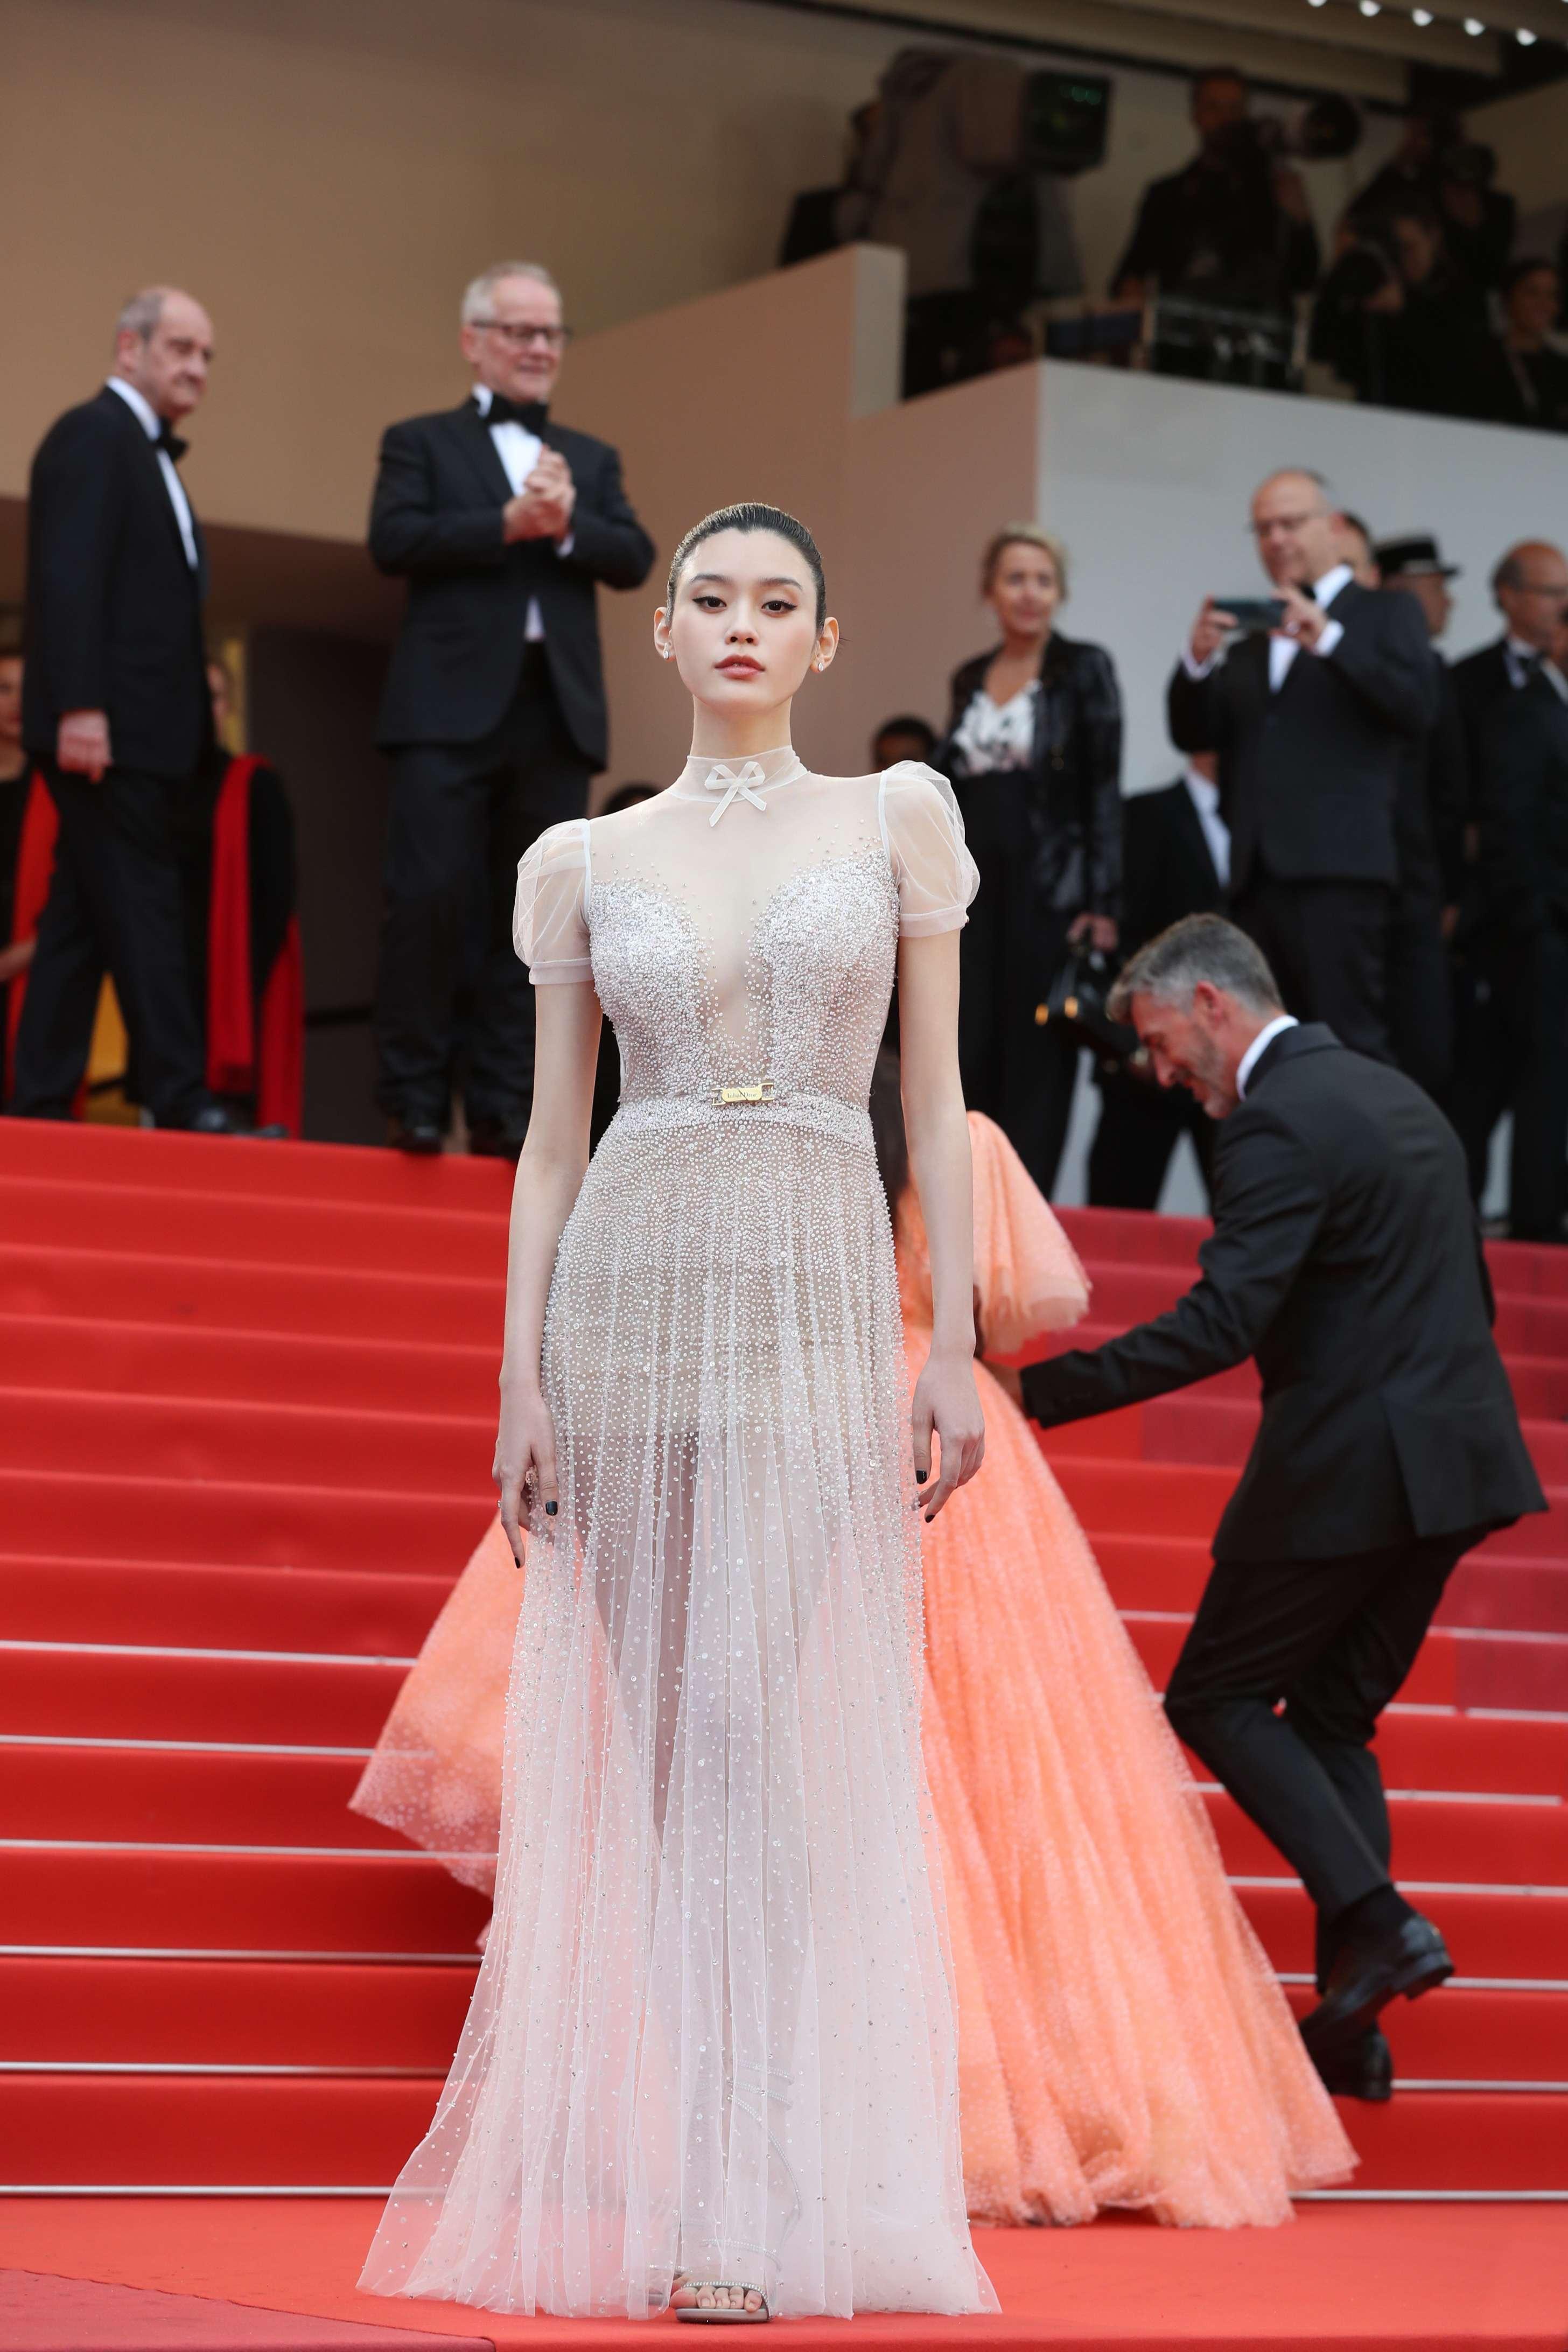 Jessica Jung, Chompoo Araya và dàn sao châu Á đọ sắc trên thảm đỏ Cannes 2019 - Hình 9